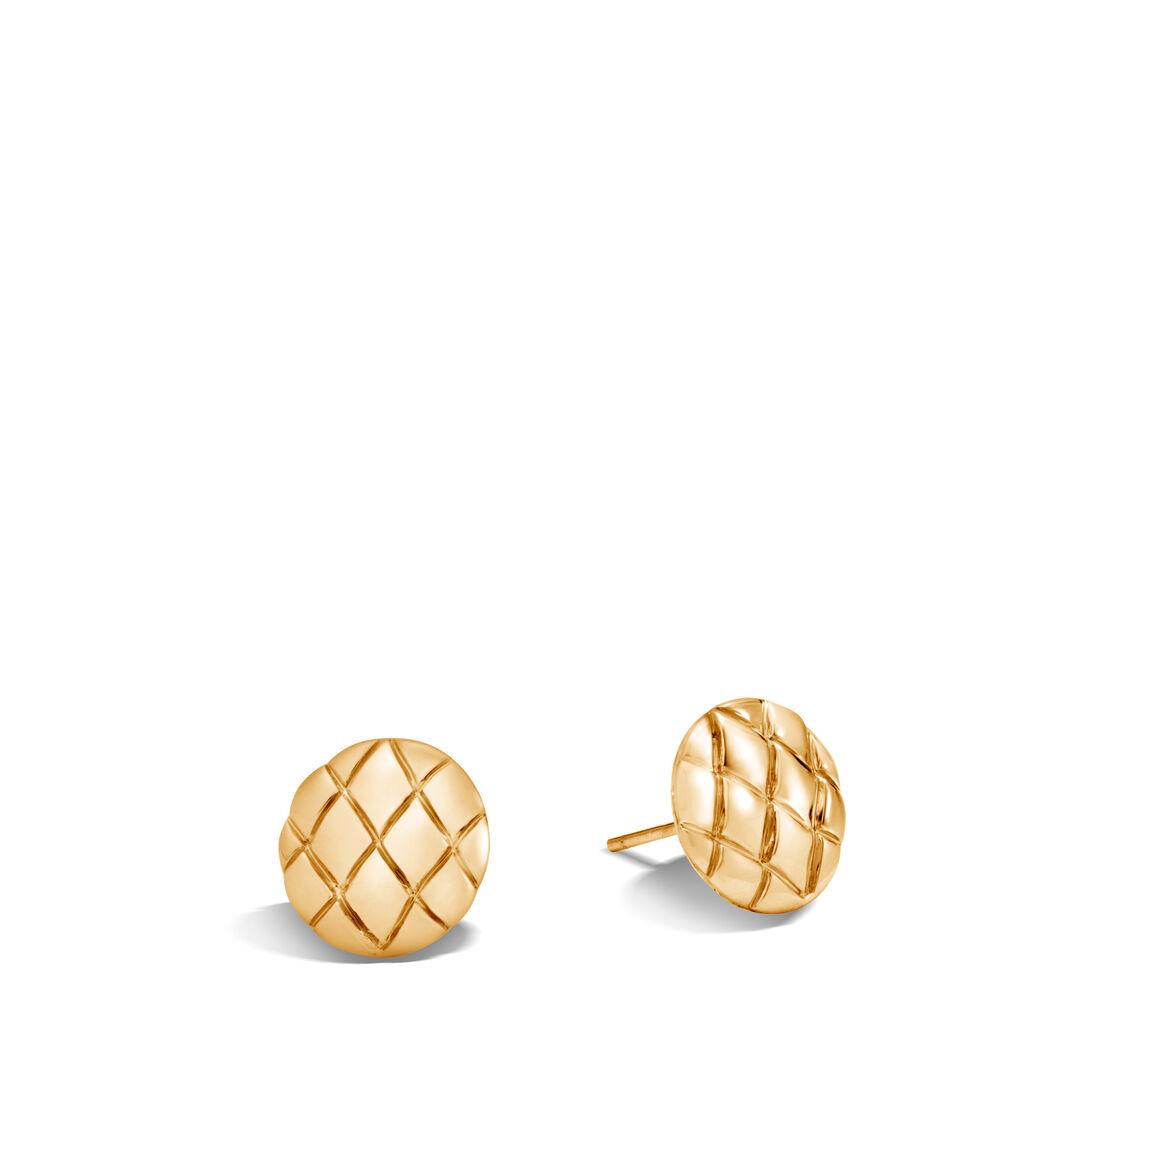 Legends Cobra Stud Earrings in 18K Gold